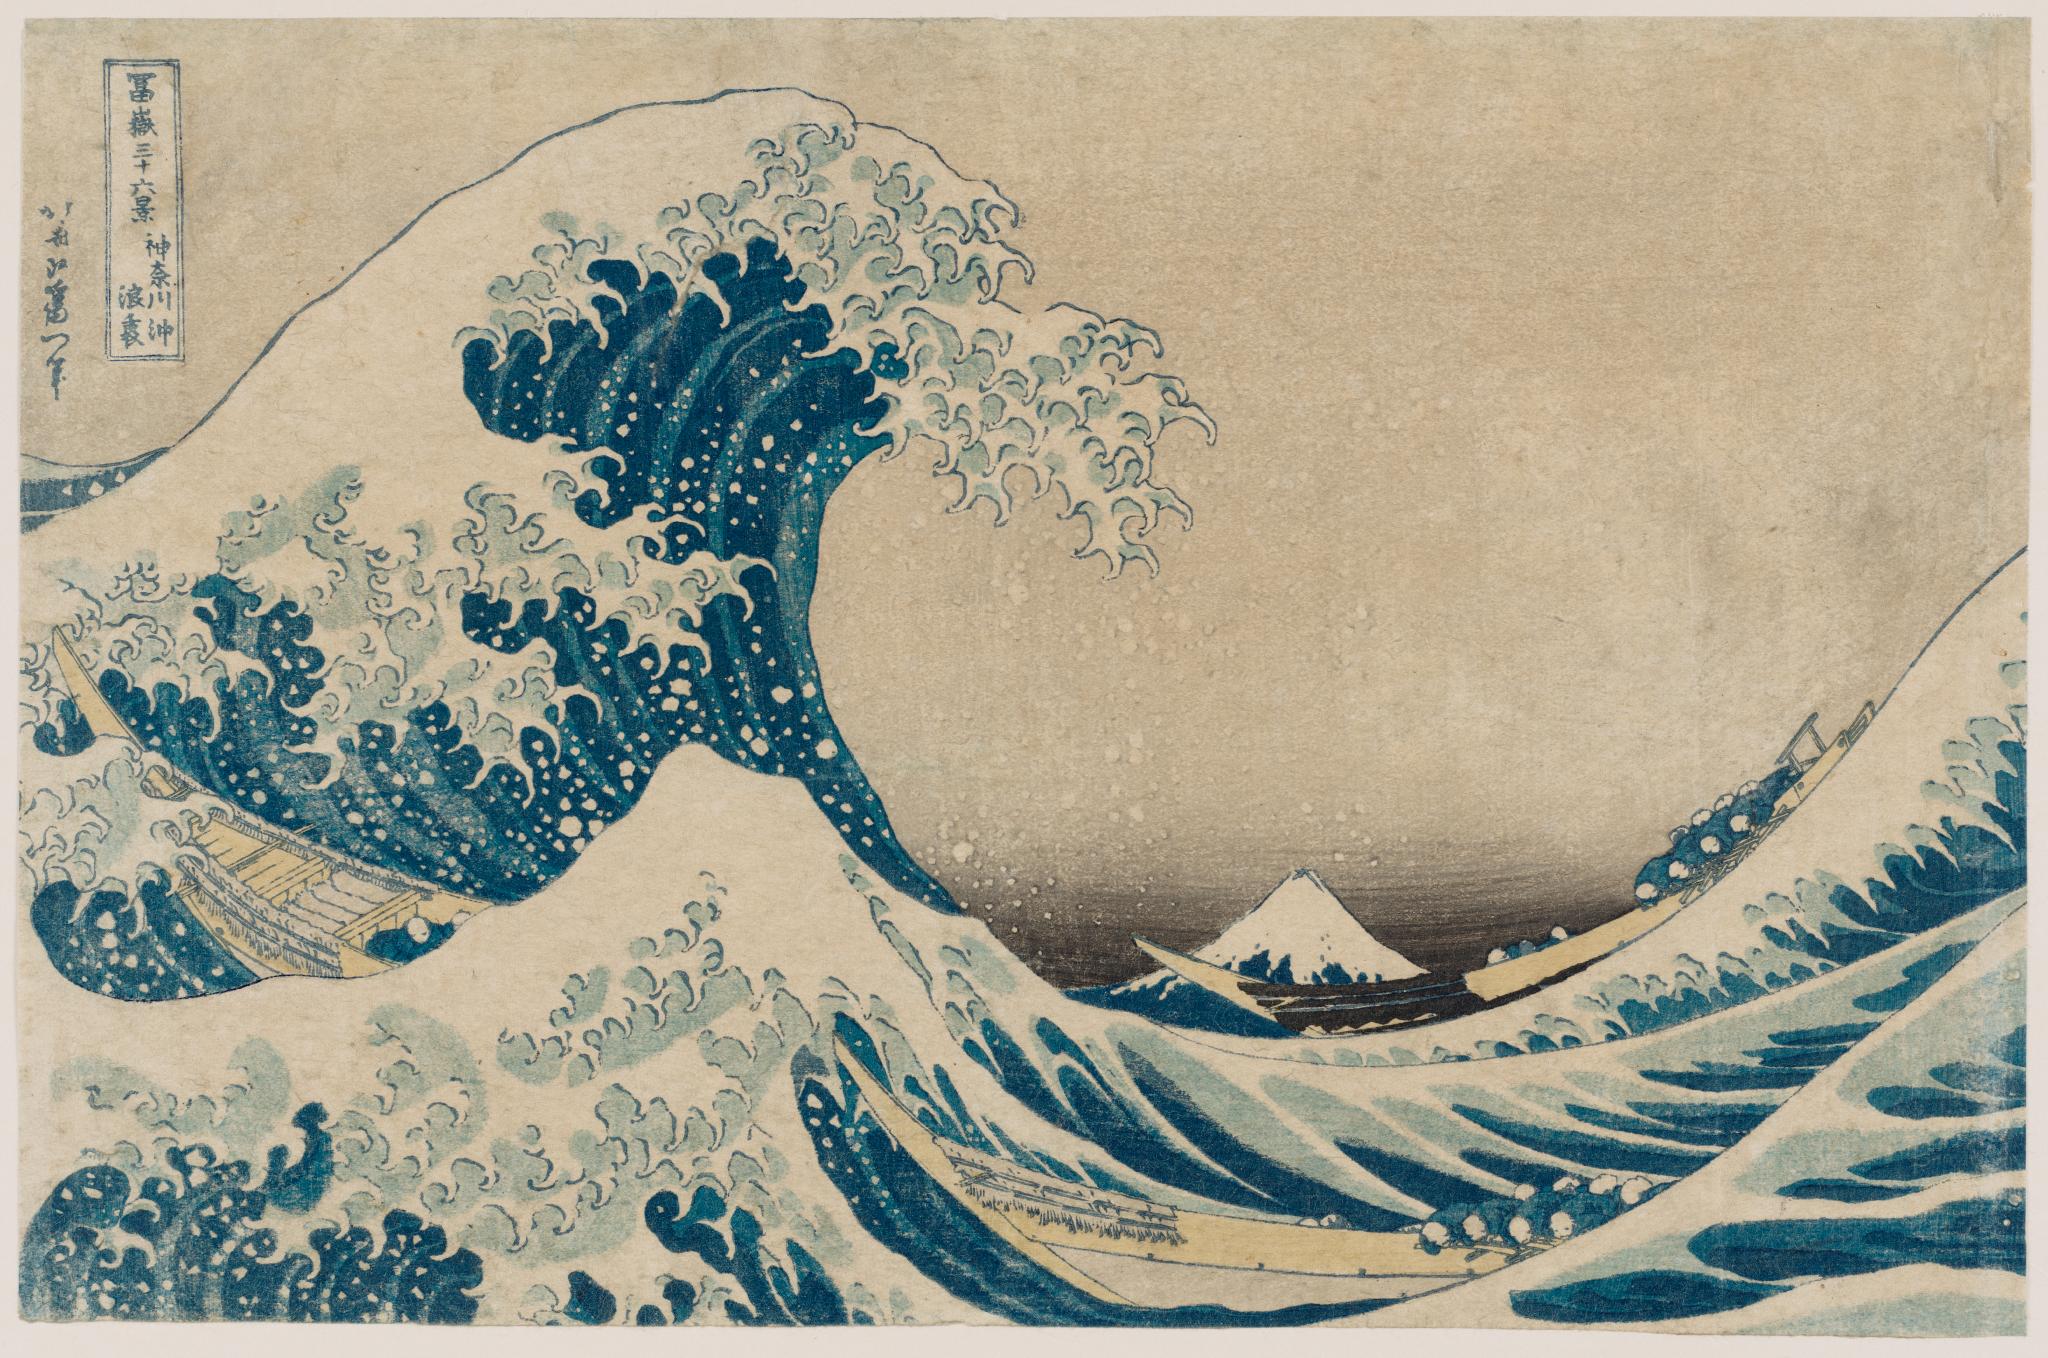 Stili e forme di pittura giapponese... Katsushika_hokusai_la_grande_onda_presso_la_costa_di_kanagawa_dalla_serie_trentasei_vedute_del_monte_fuji1830-1831_circa_silografia_policroma_23.8_x_36.6_cm_kawasak